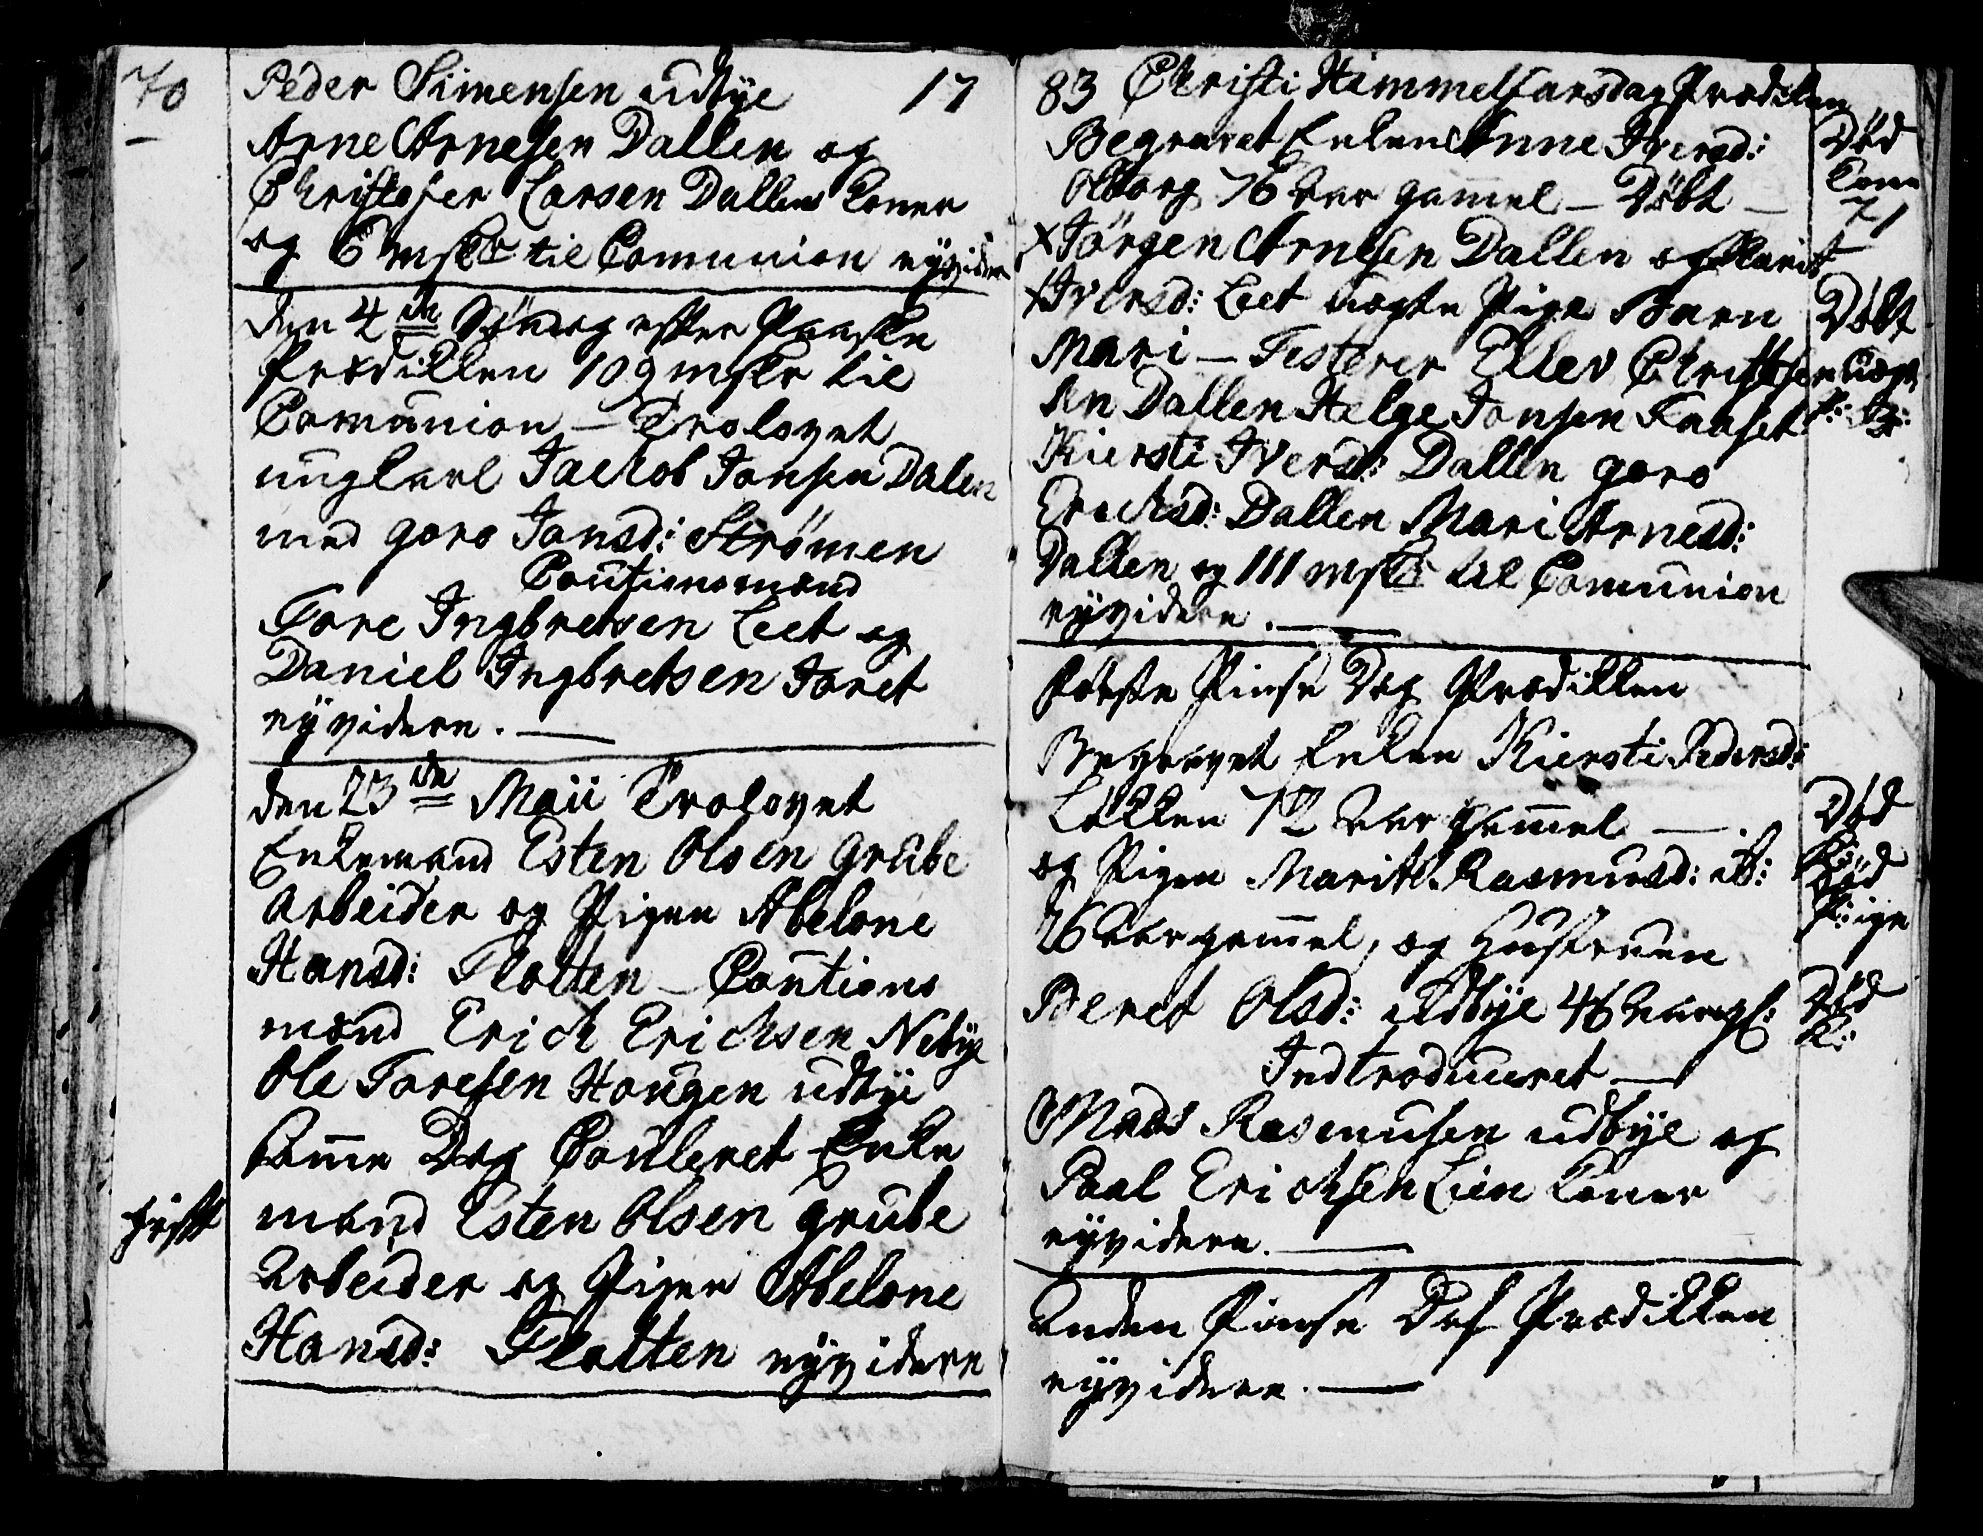 SAH, Tynset prestekontor, Parish register (official) no. 12, 1780-1784, p. 70-71